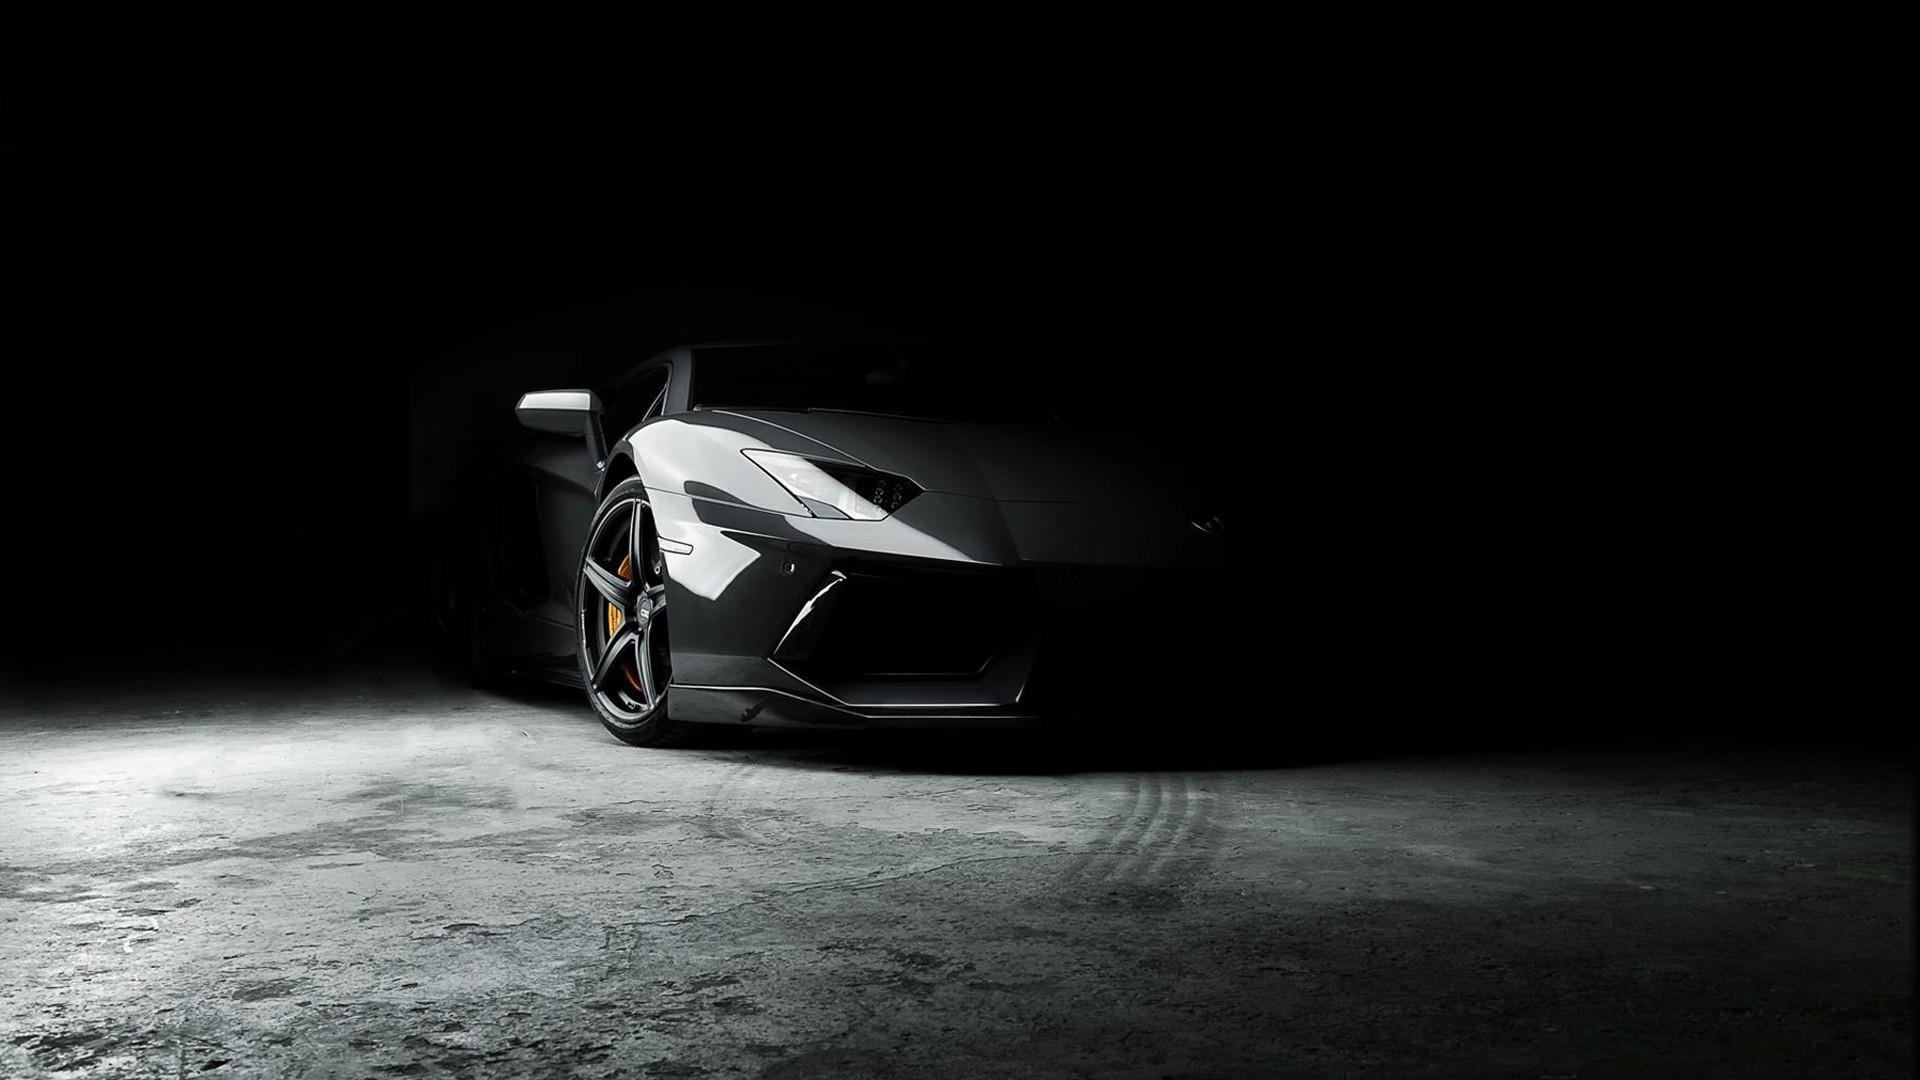 Wallpaper 1920x1080 Px Black Car Lamborghini Rims 1920x1080